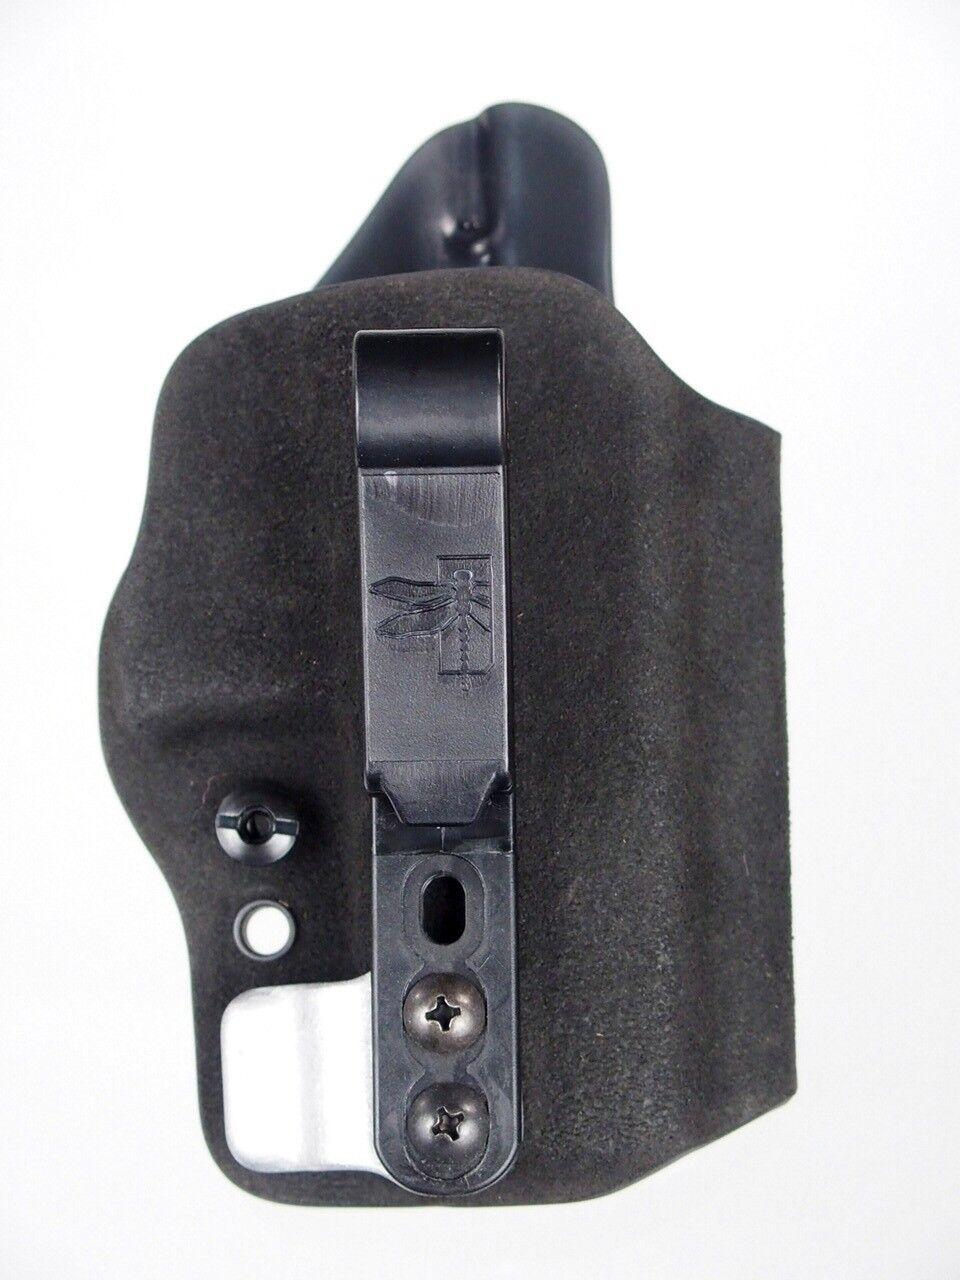 Haley Código G estratégicas Eclipse RMR media guardia Pistolera Para GEN 5 Glock 19 23 32